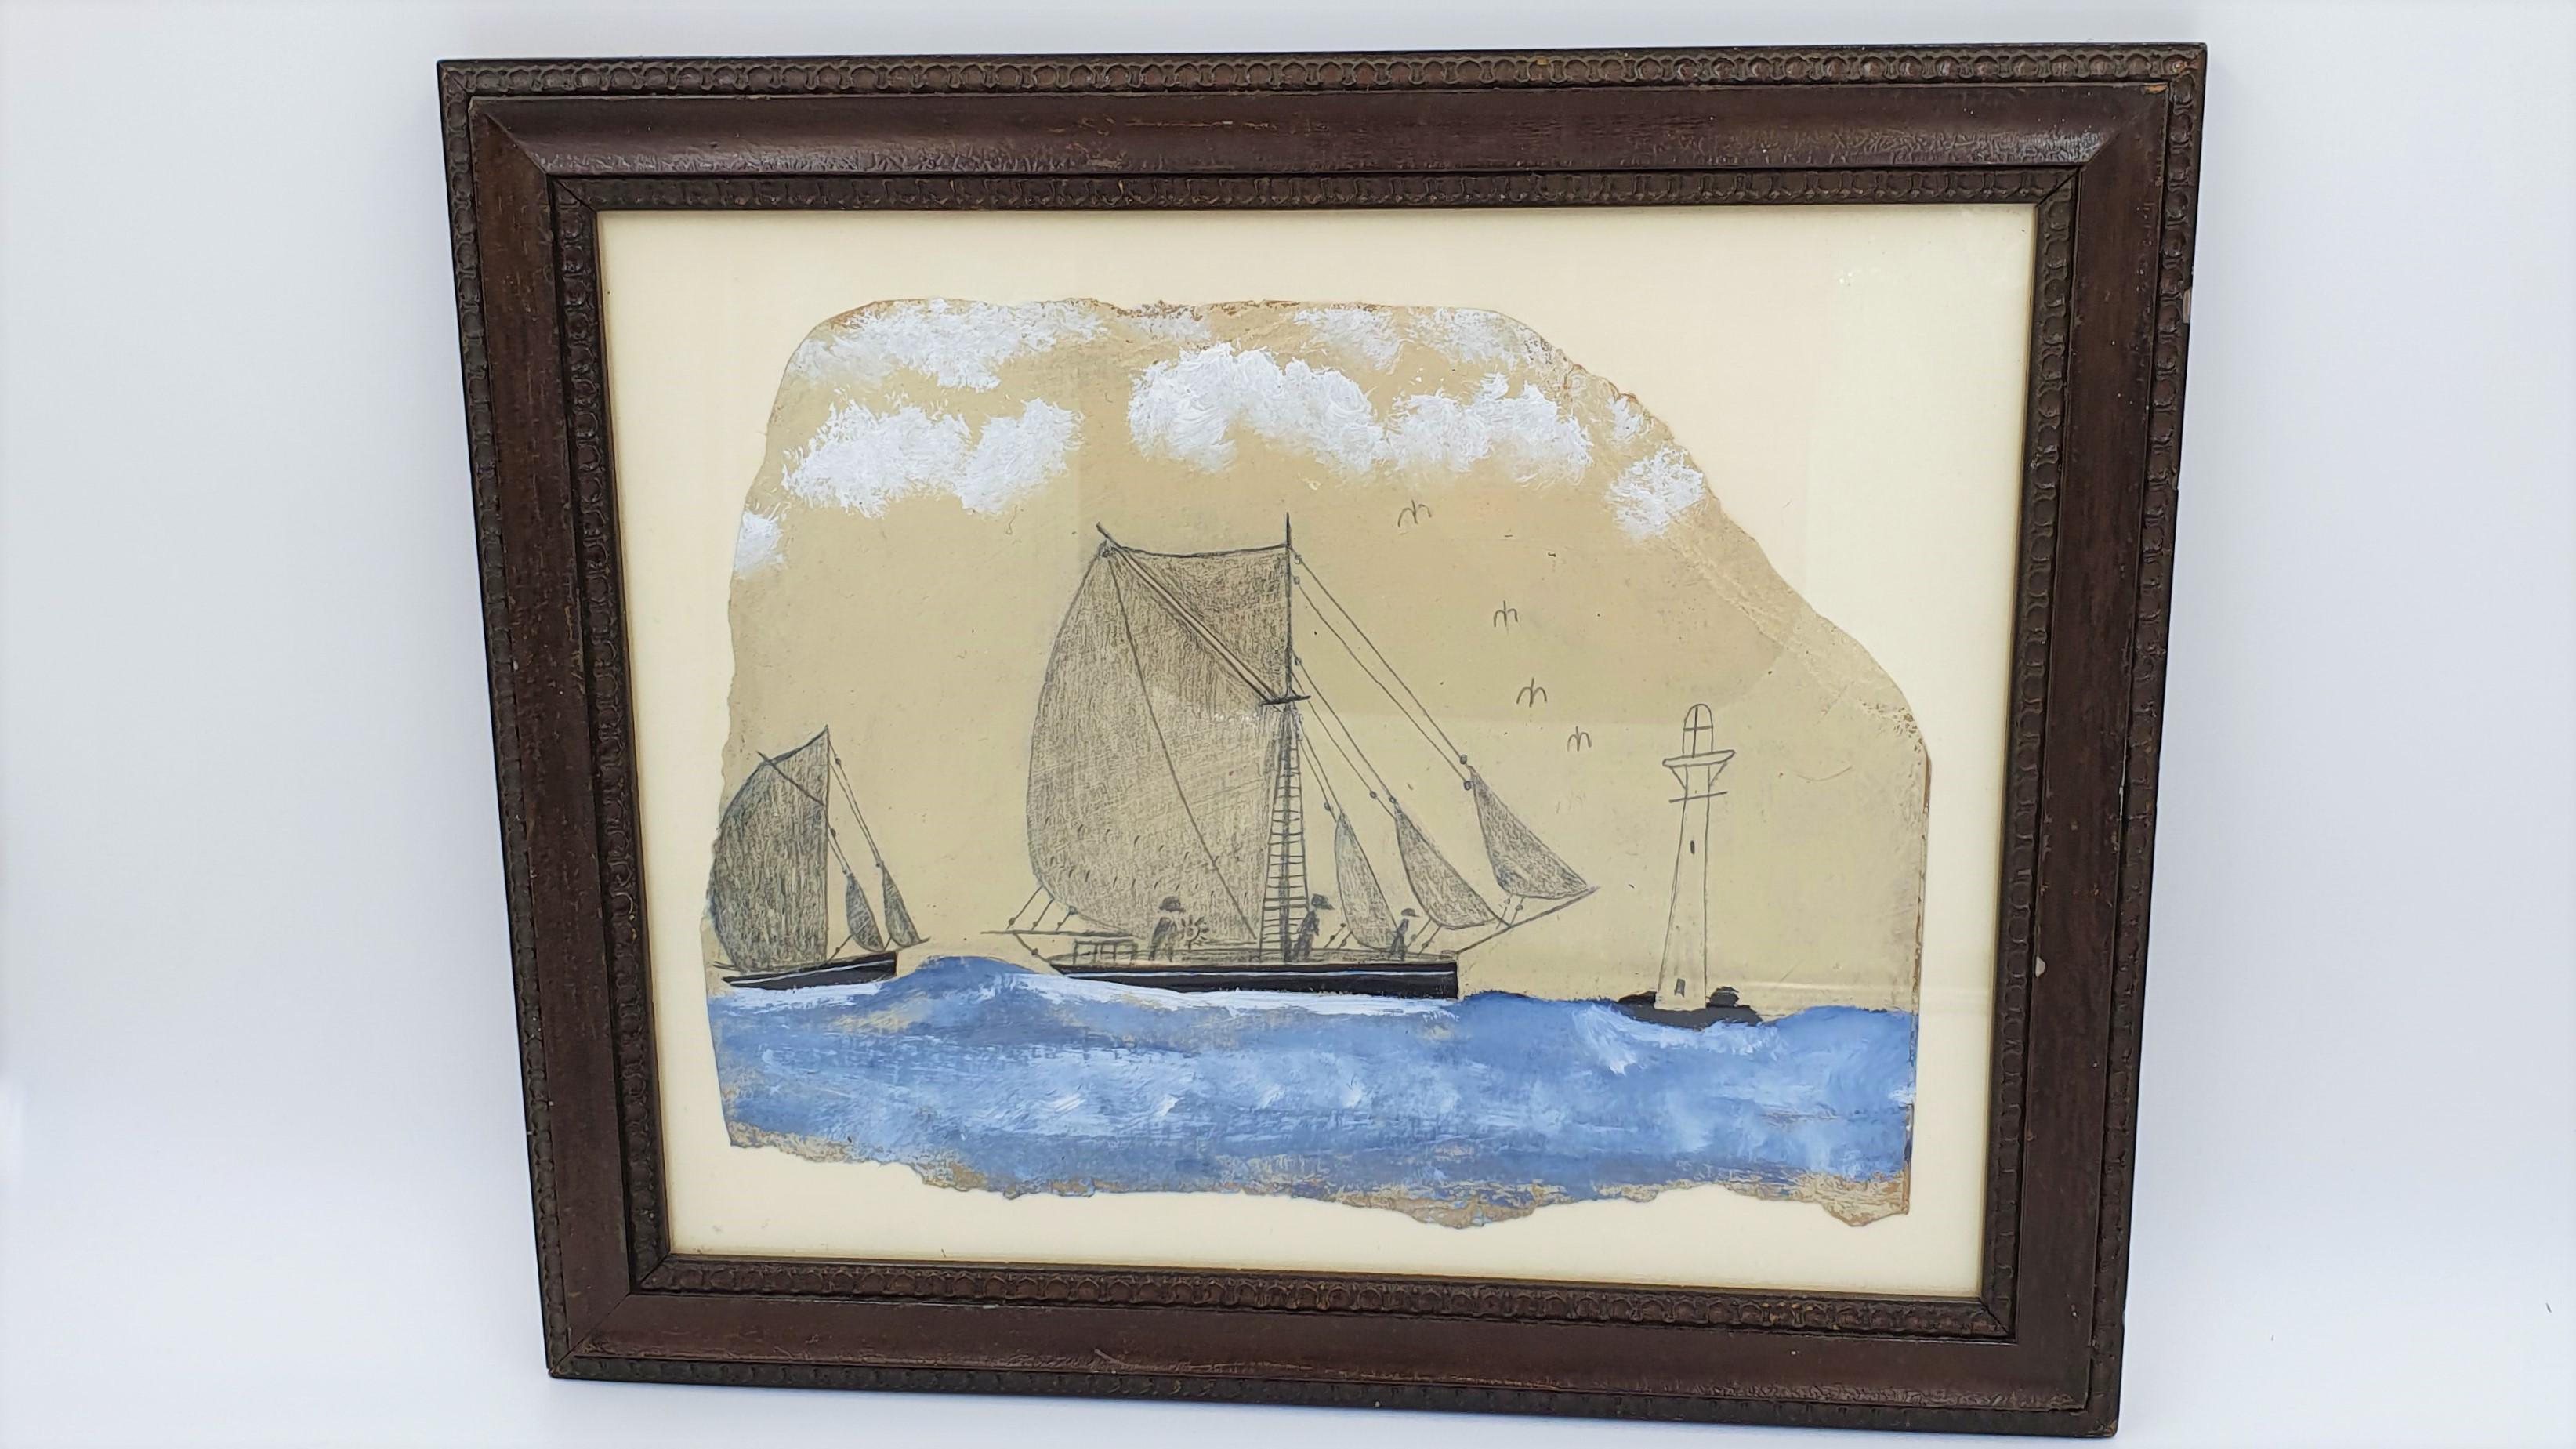 Max Wildman - Cutters in full sail